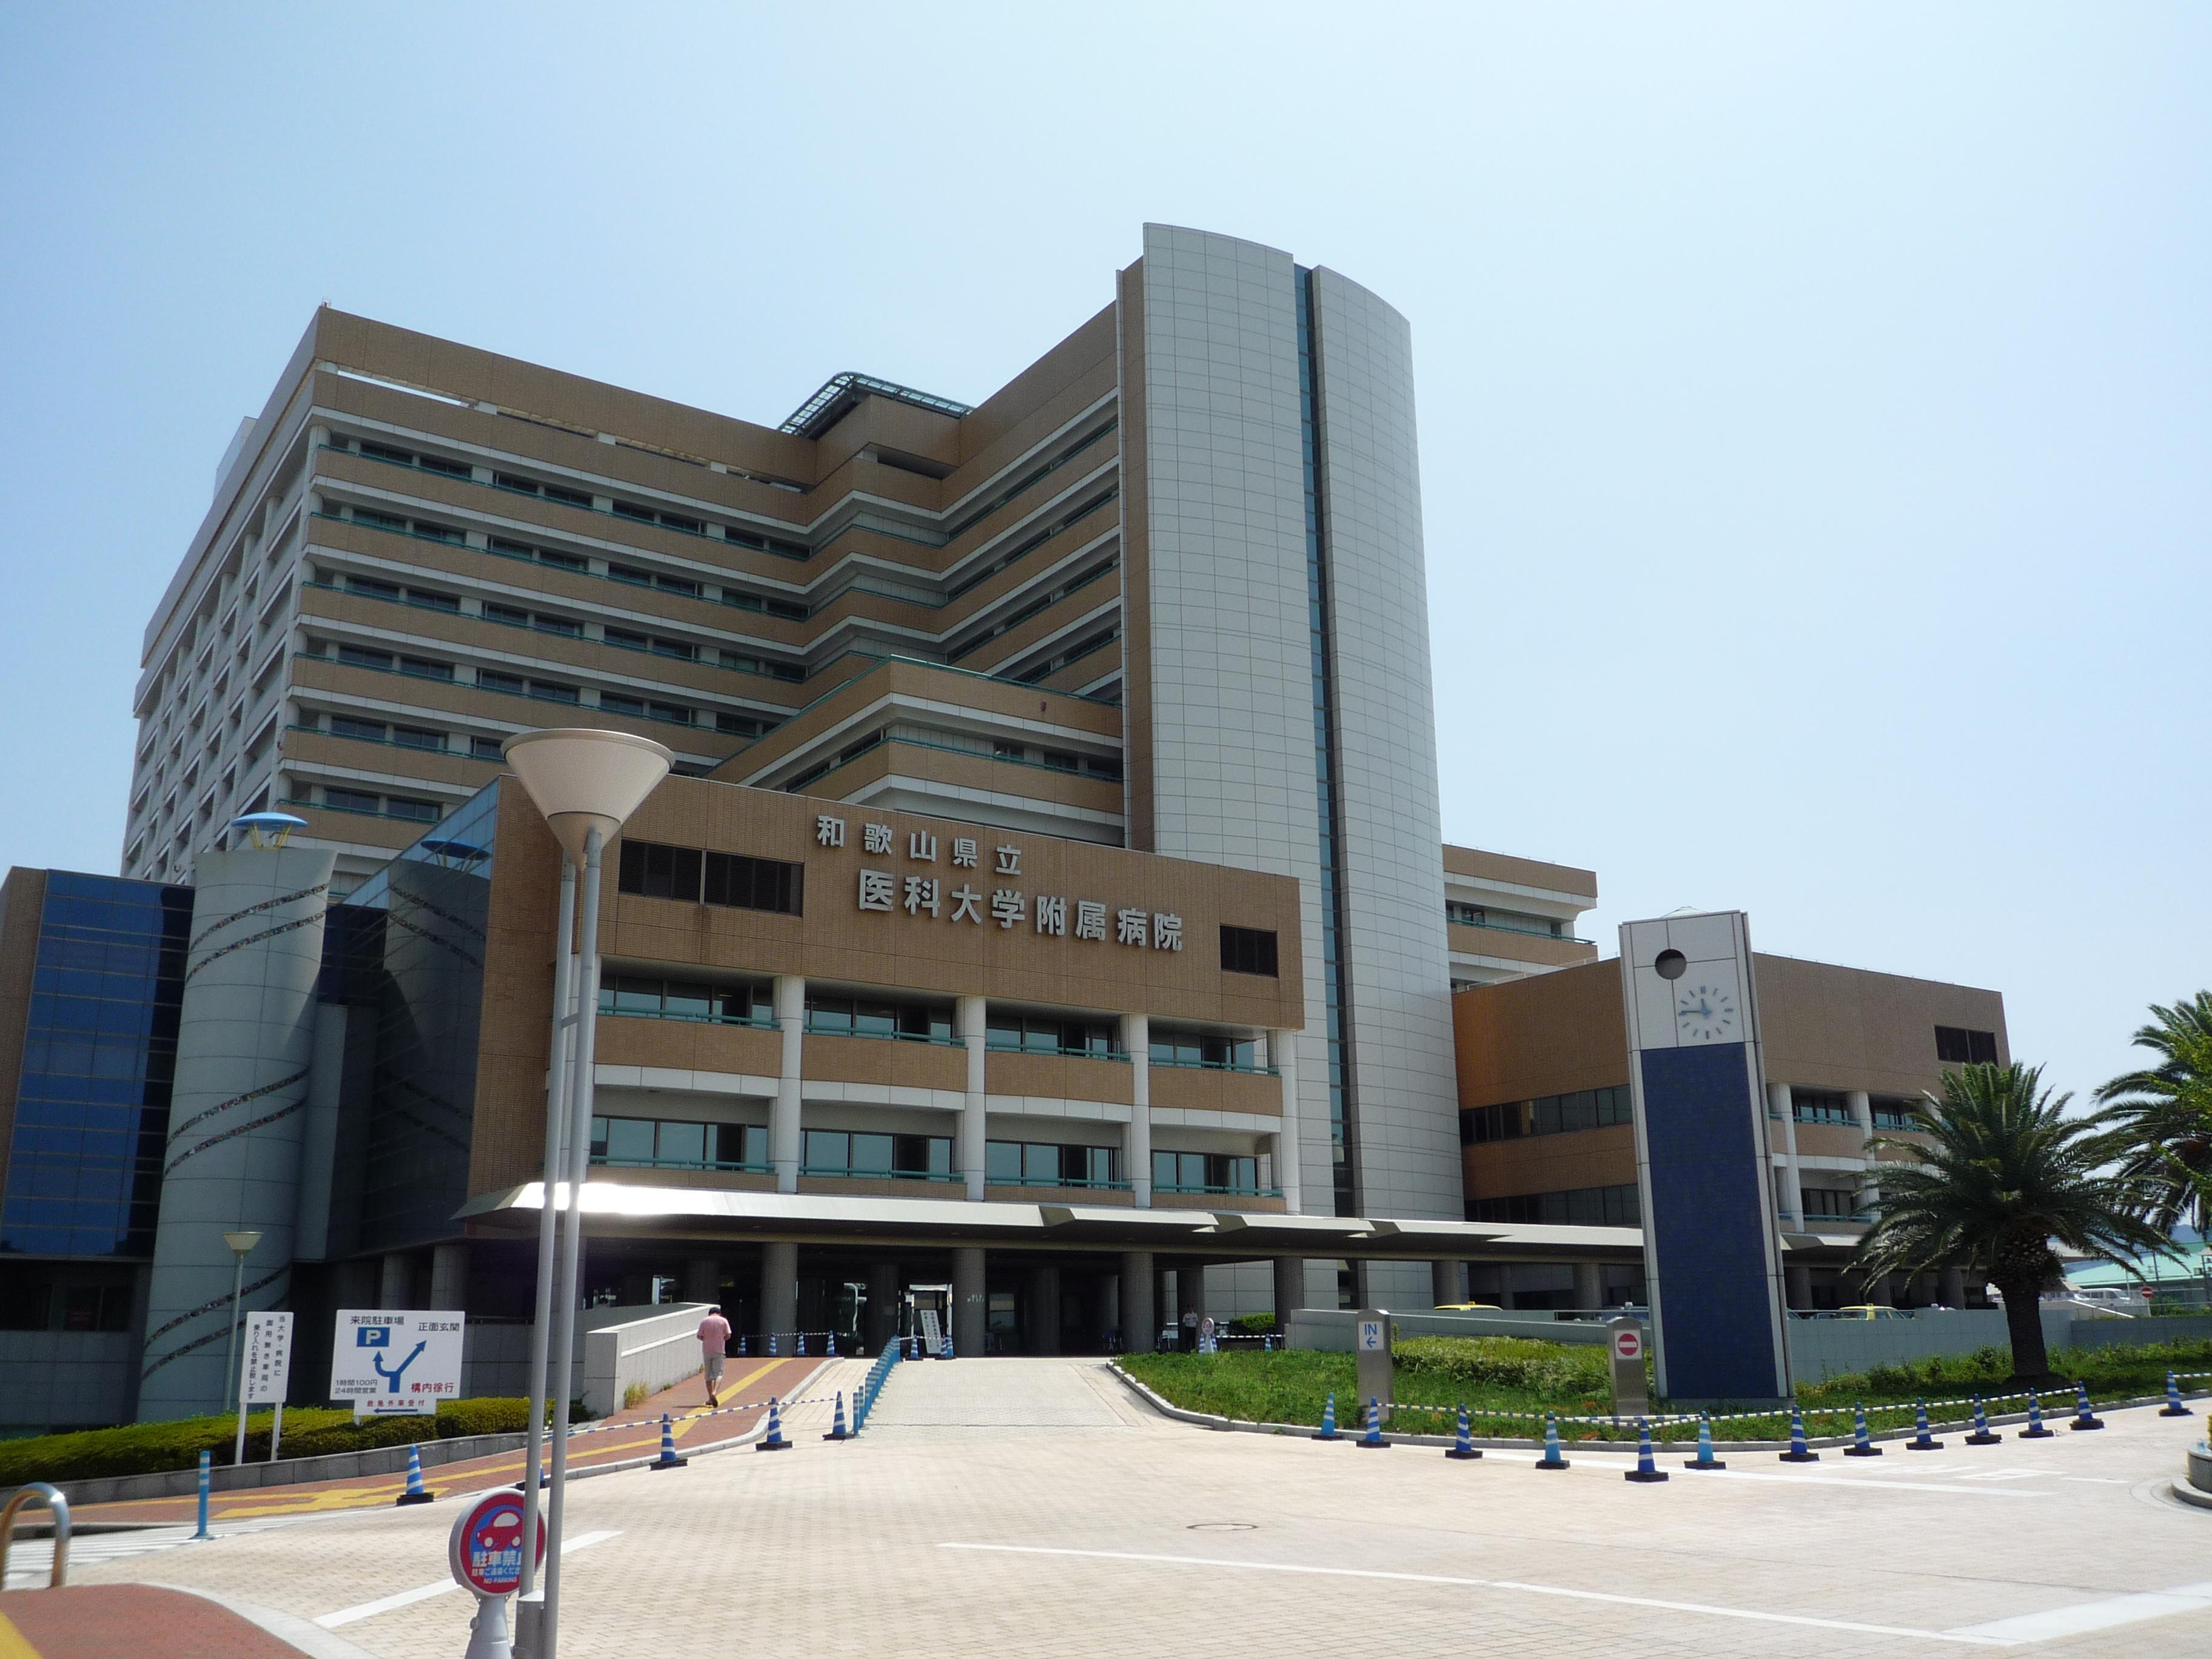 和歌山 県立 医科 大学 附属 病院 和歌山県立医科大学附属病院